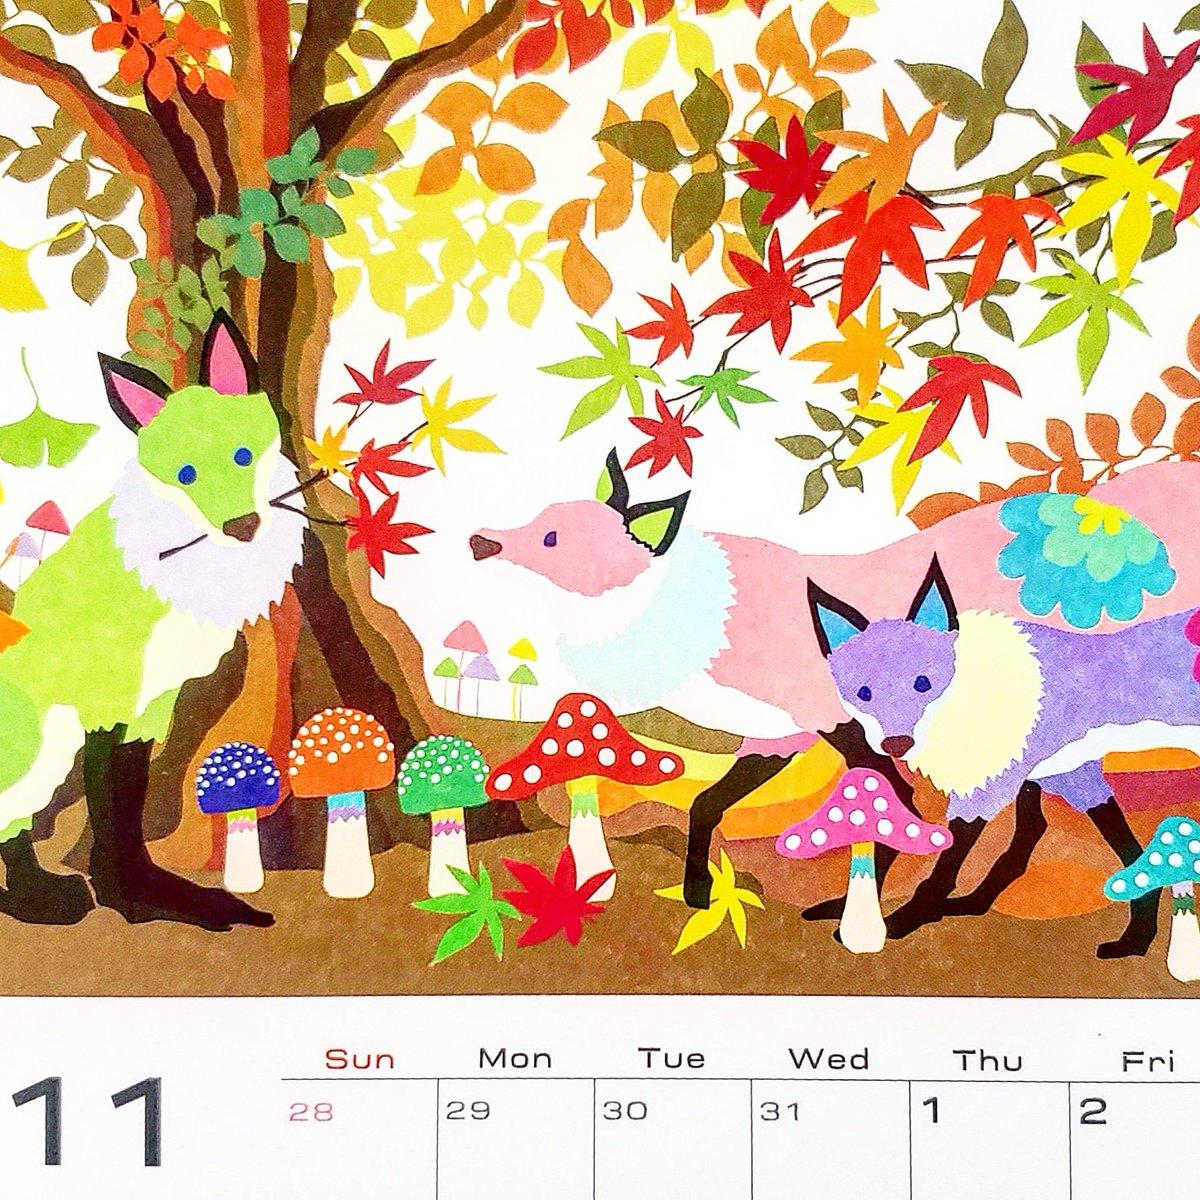 ホラグチカヨ Auf Twitter イラストを担当させていただいた T Co Bnectttvqb のカレンダー 11月の担当動物は キツネ です 紅葉にきのこ狩り 秋は美しい季節ですね ホラグチカヨ Kayohoraguchi キツネ Illustration T Co Bflxy34bfu